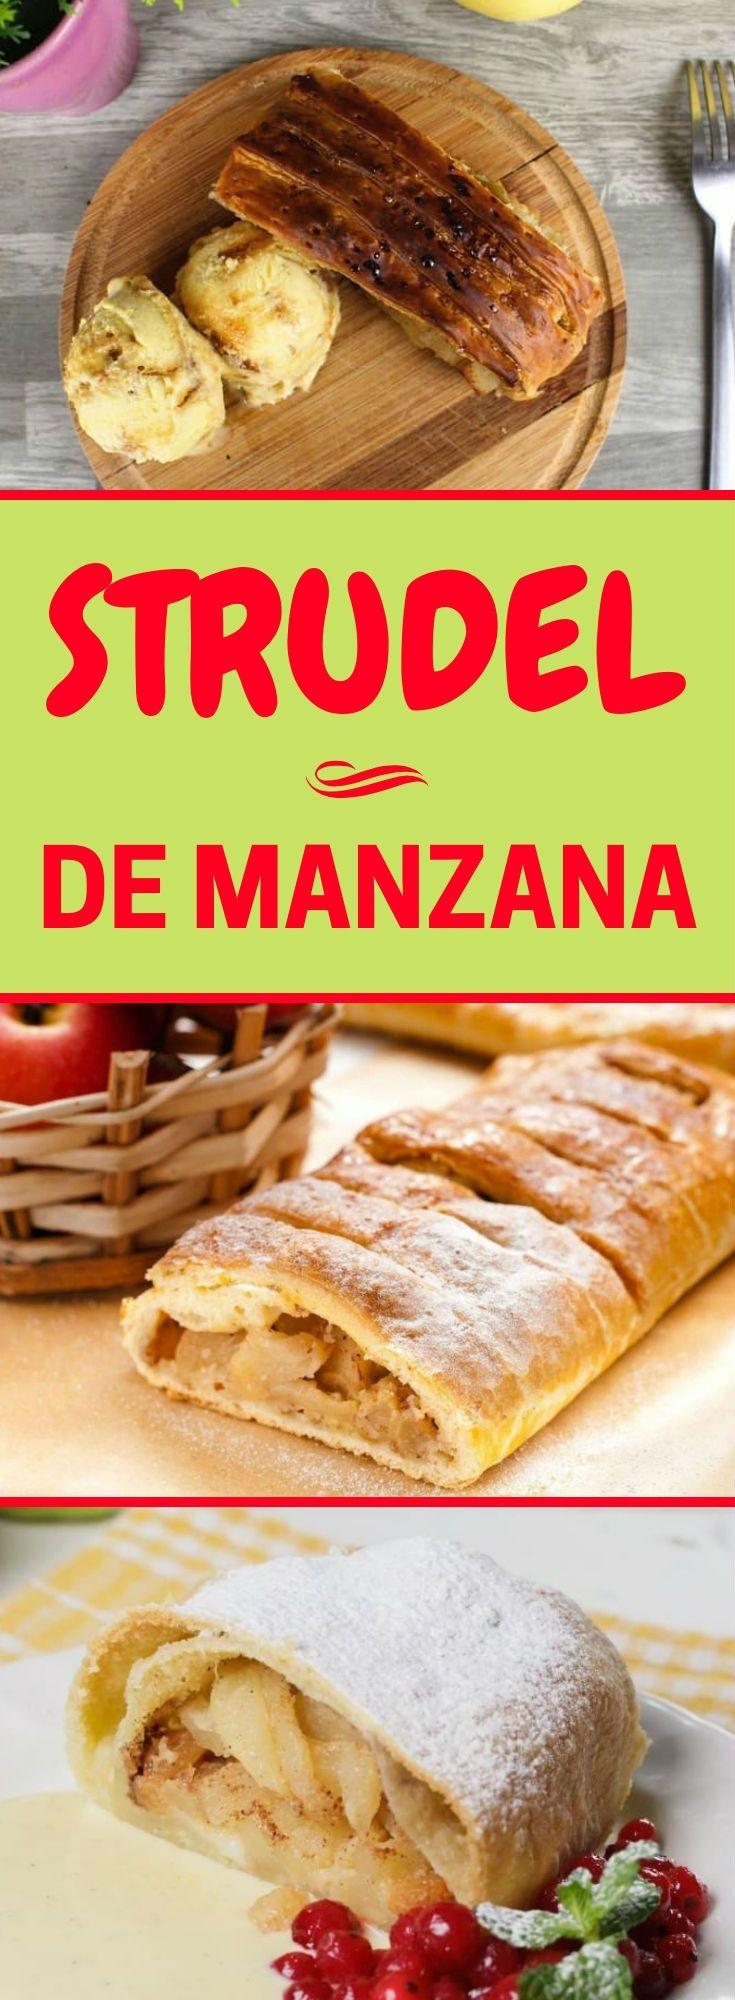 Strudel De Manzana Las Mejores Recetas Paso A Paso Quiero Quierocakesblog Strudel De Manzana Receta Strudel De Manzana Pay De Manzana Receta